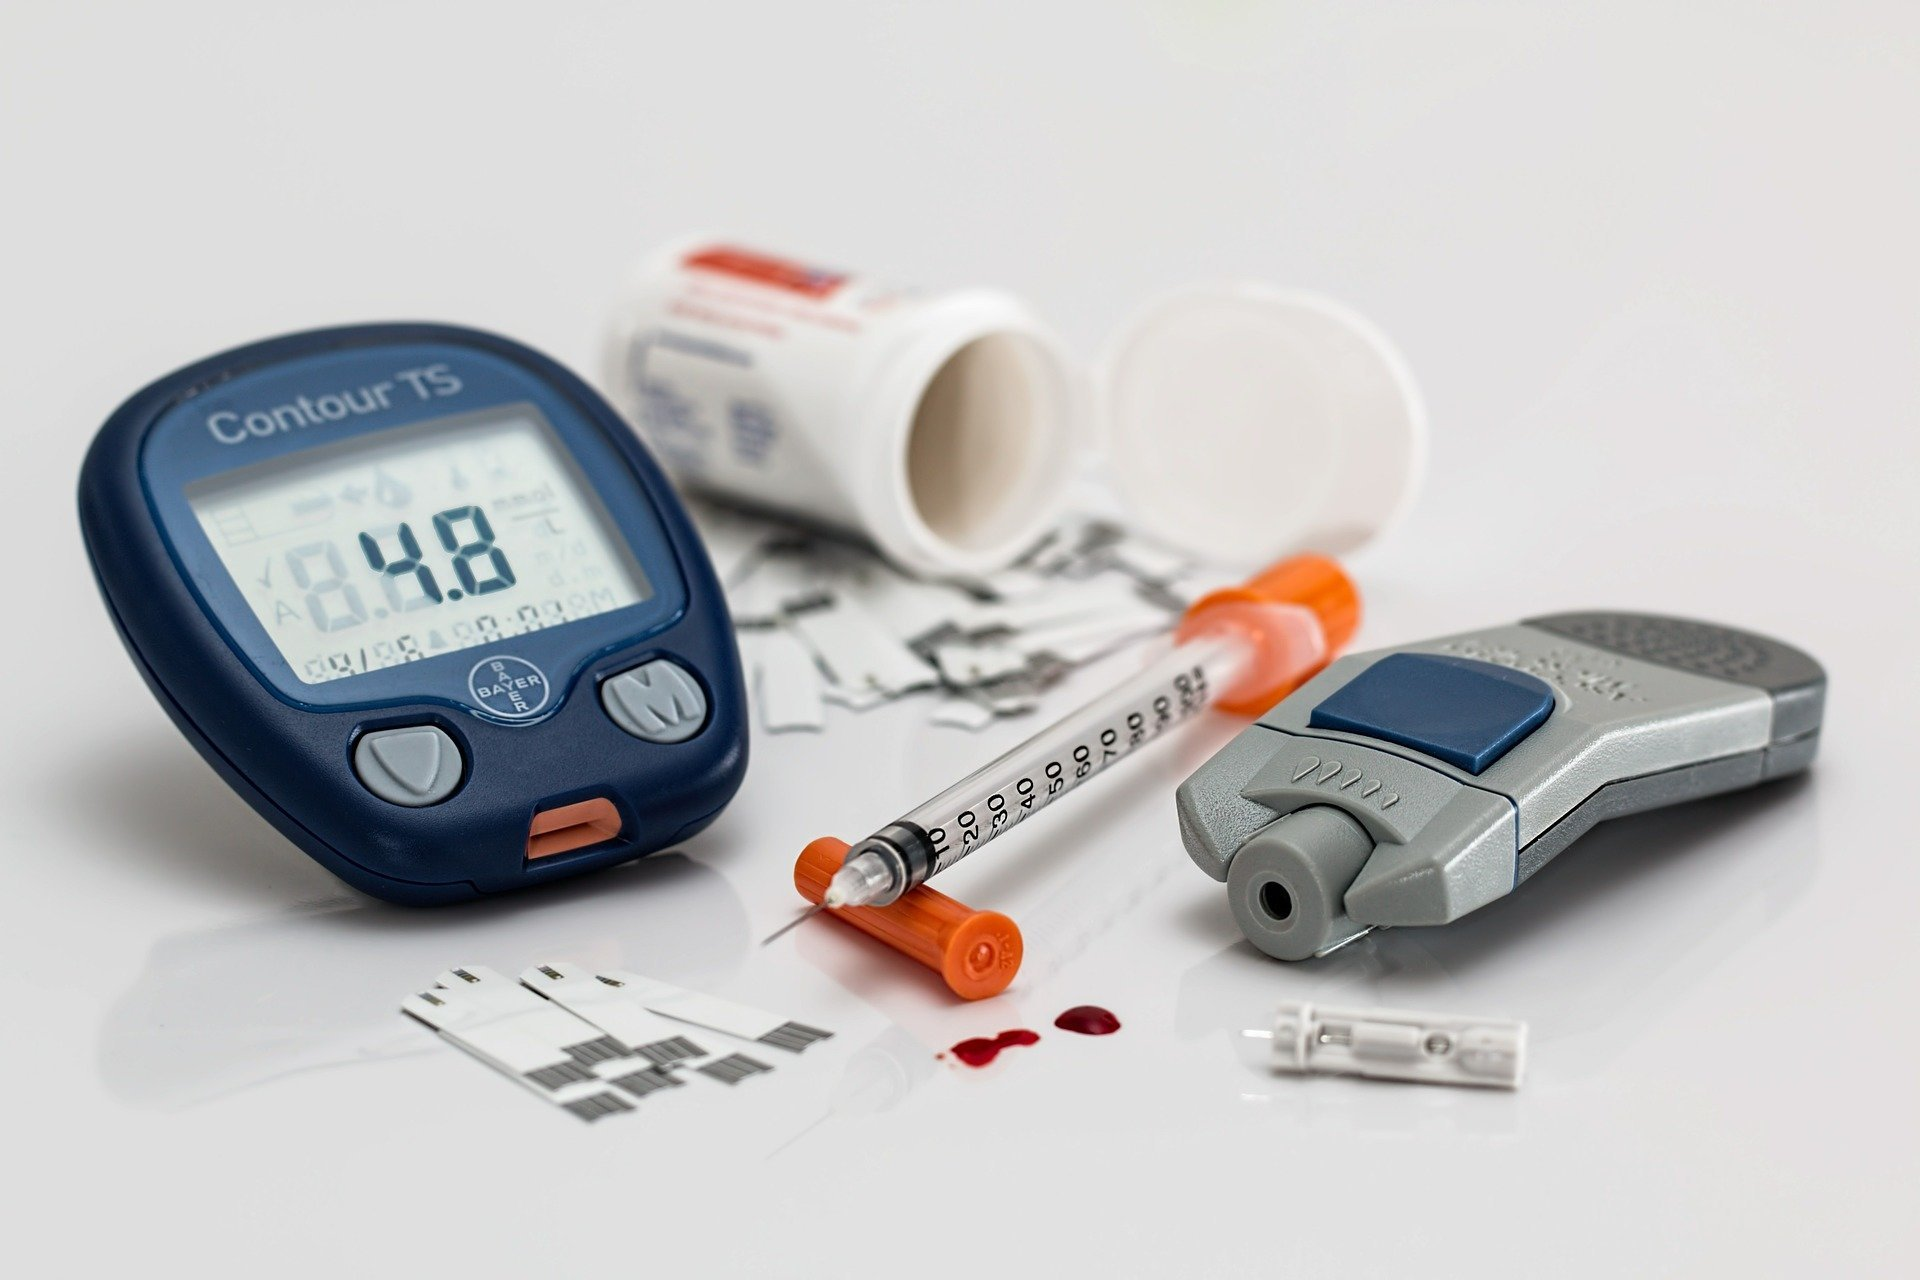 Forscher haben herausgefunden, dass die Inzidenz von Herzinsuffizienz war um zwei-Fach höher bei Menschen mit diabetes